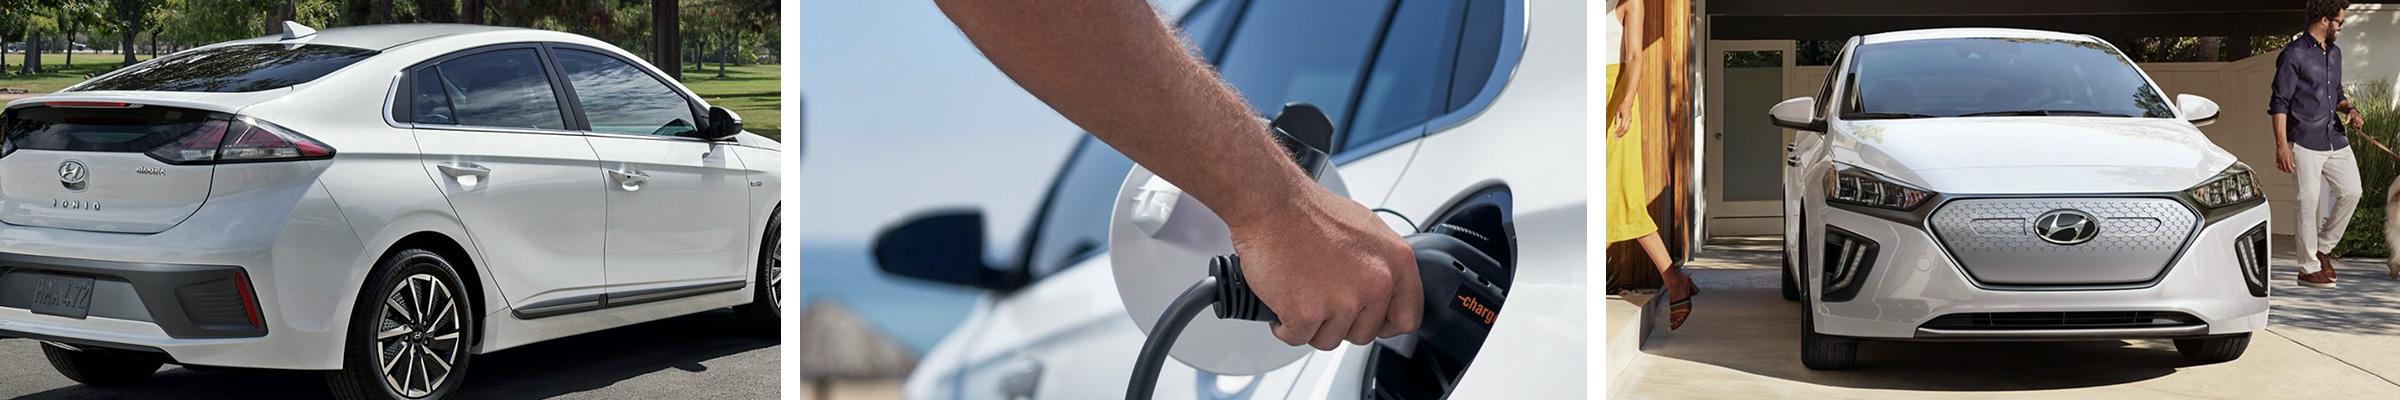 2020 Hyundai Ioniq Electric For Sale Dearborn MI  